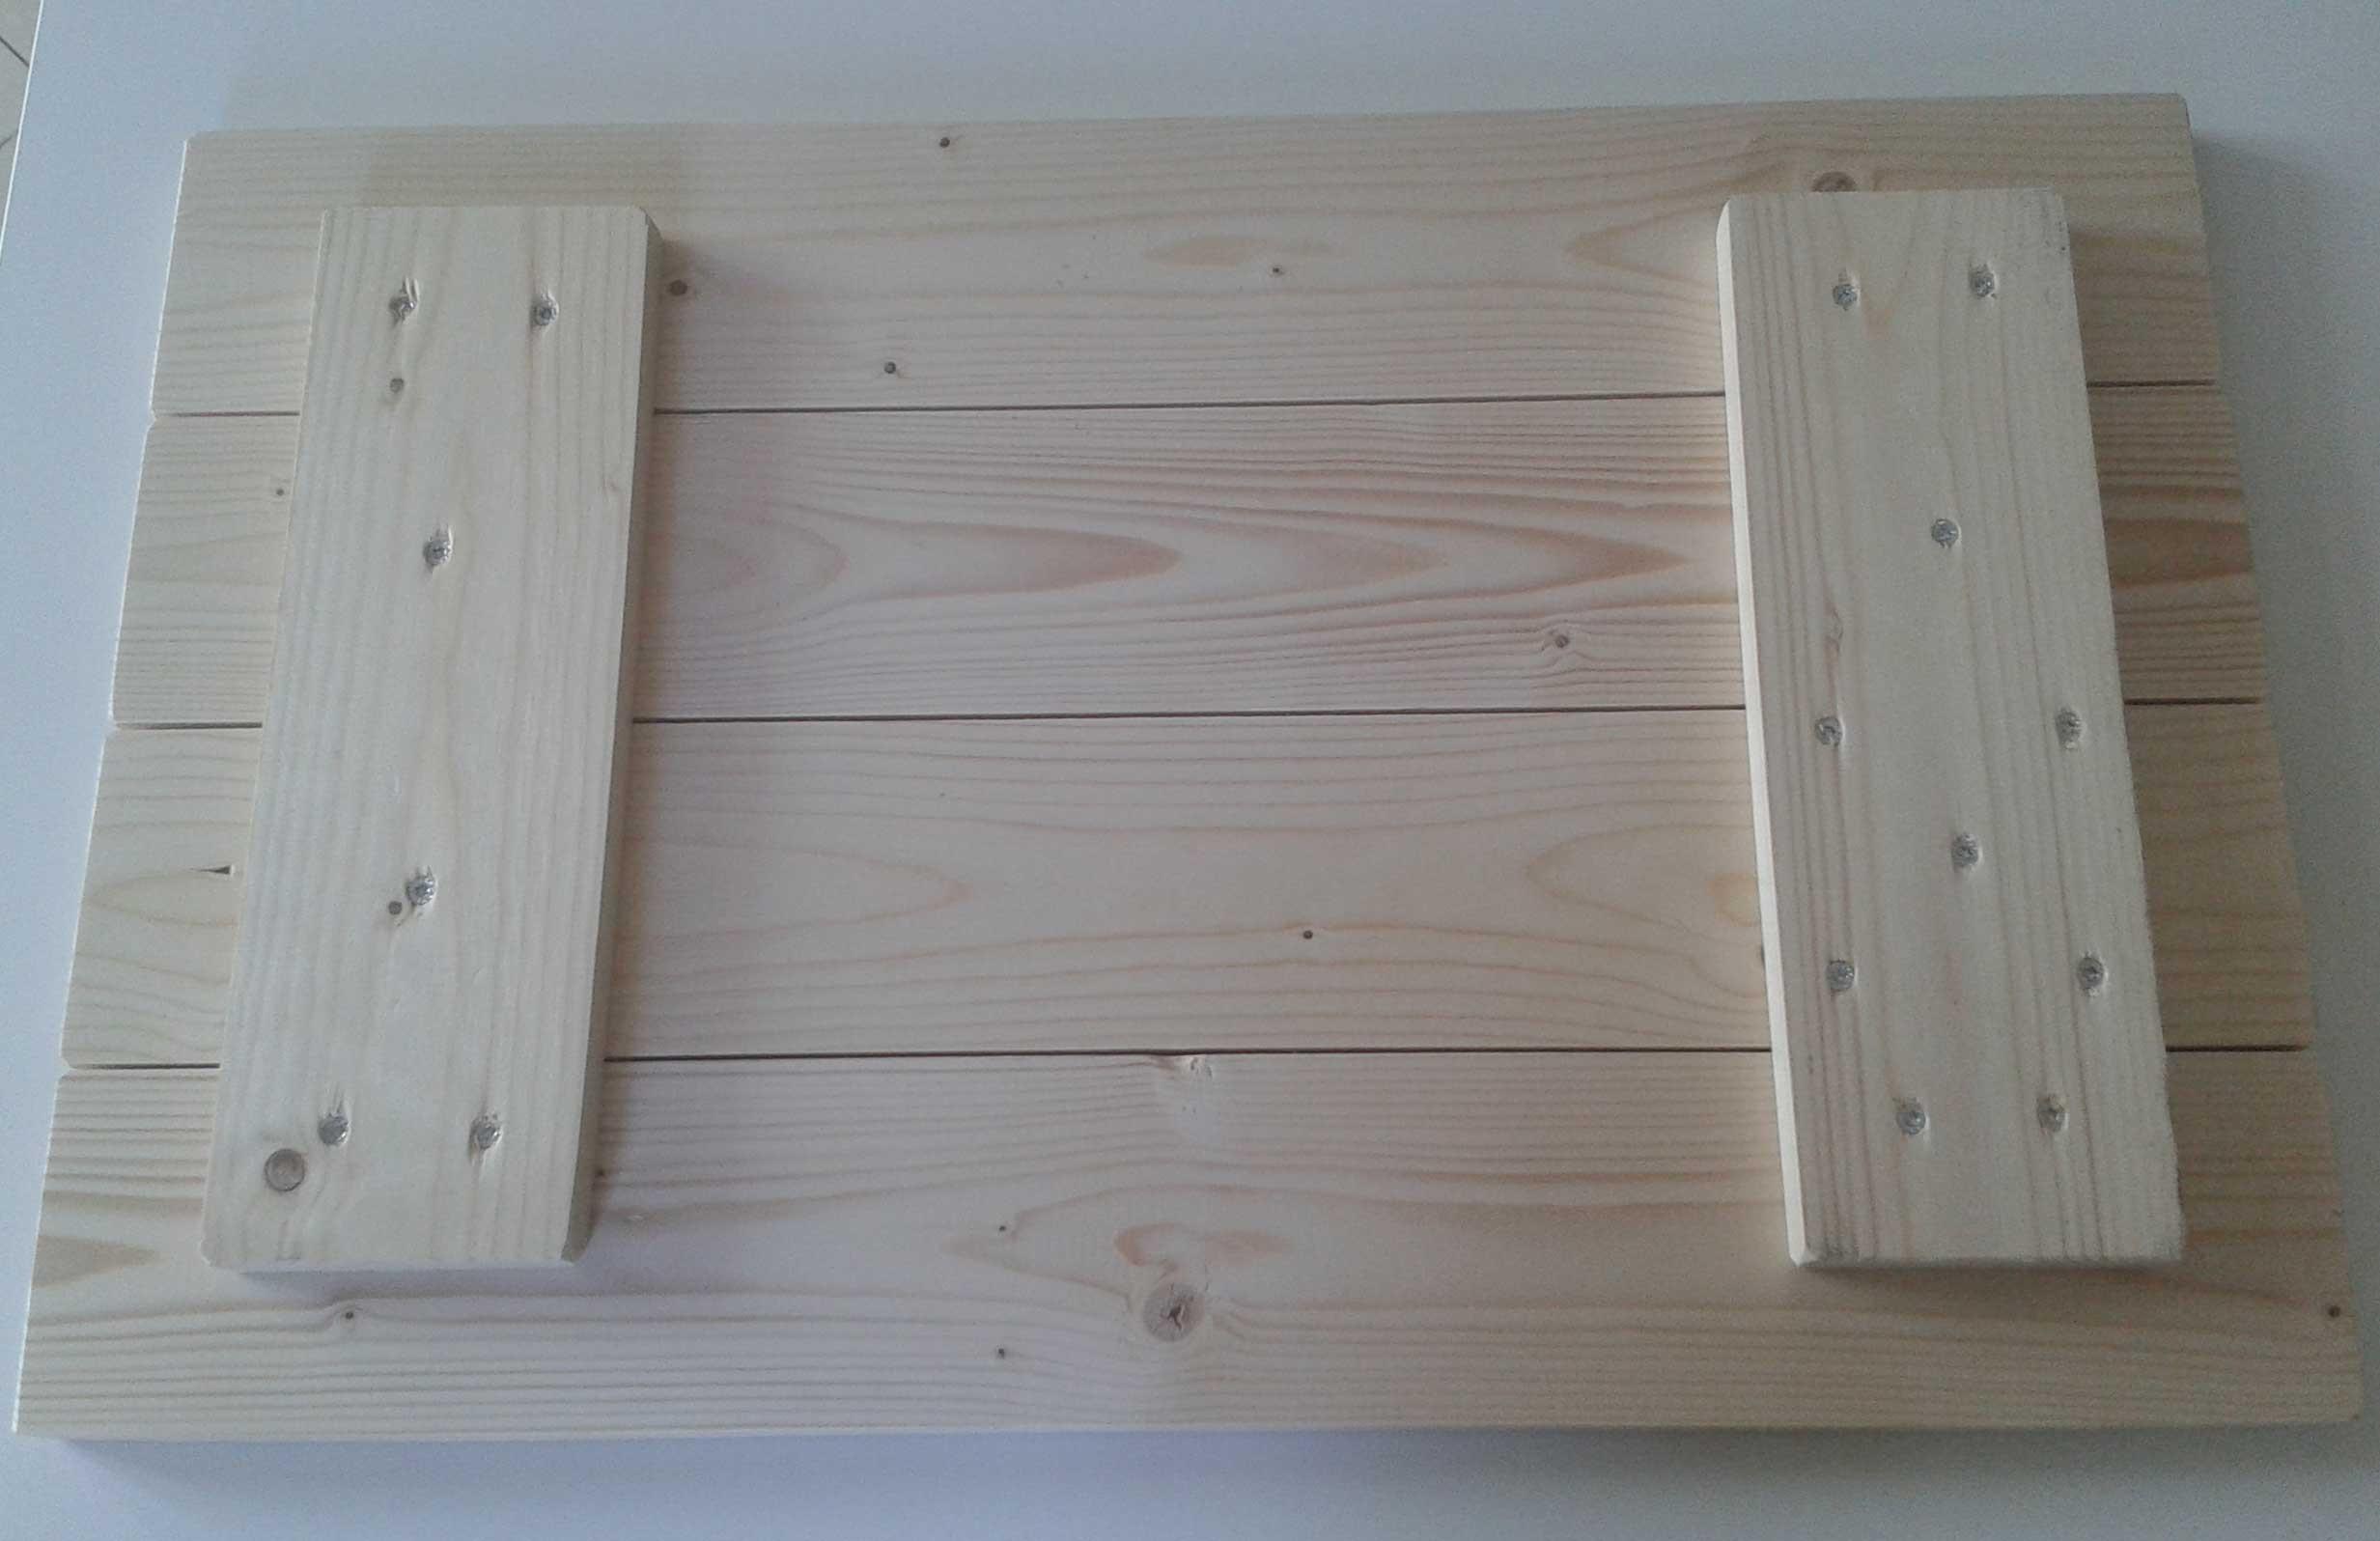 Maak je eigen ontwerp voor print op hout met tekst en spreuken